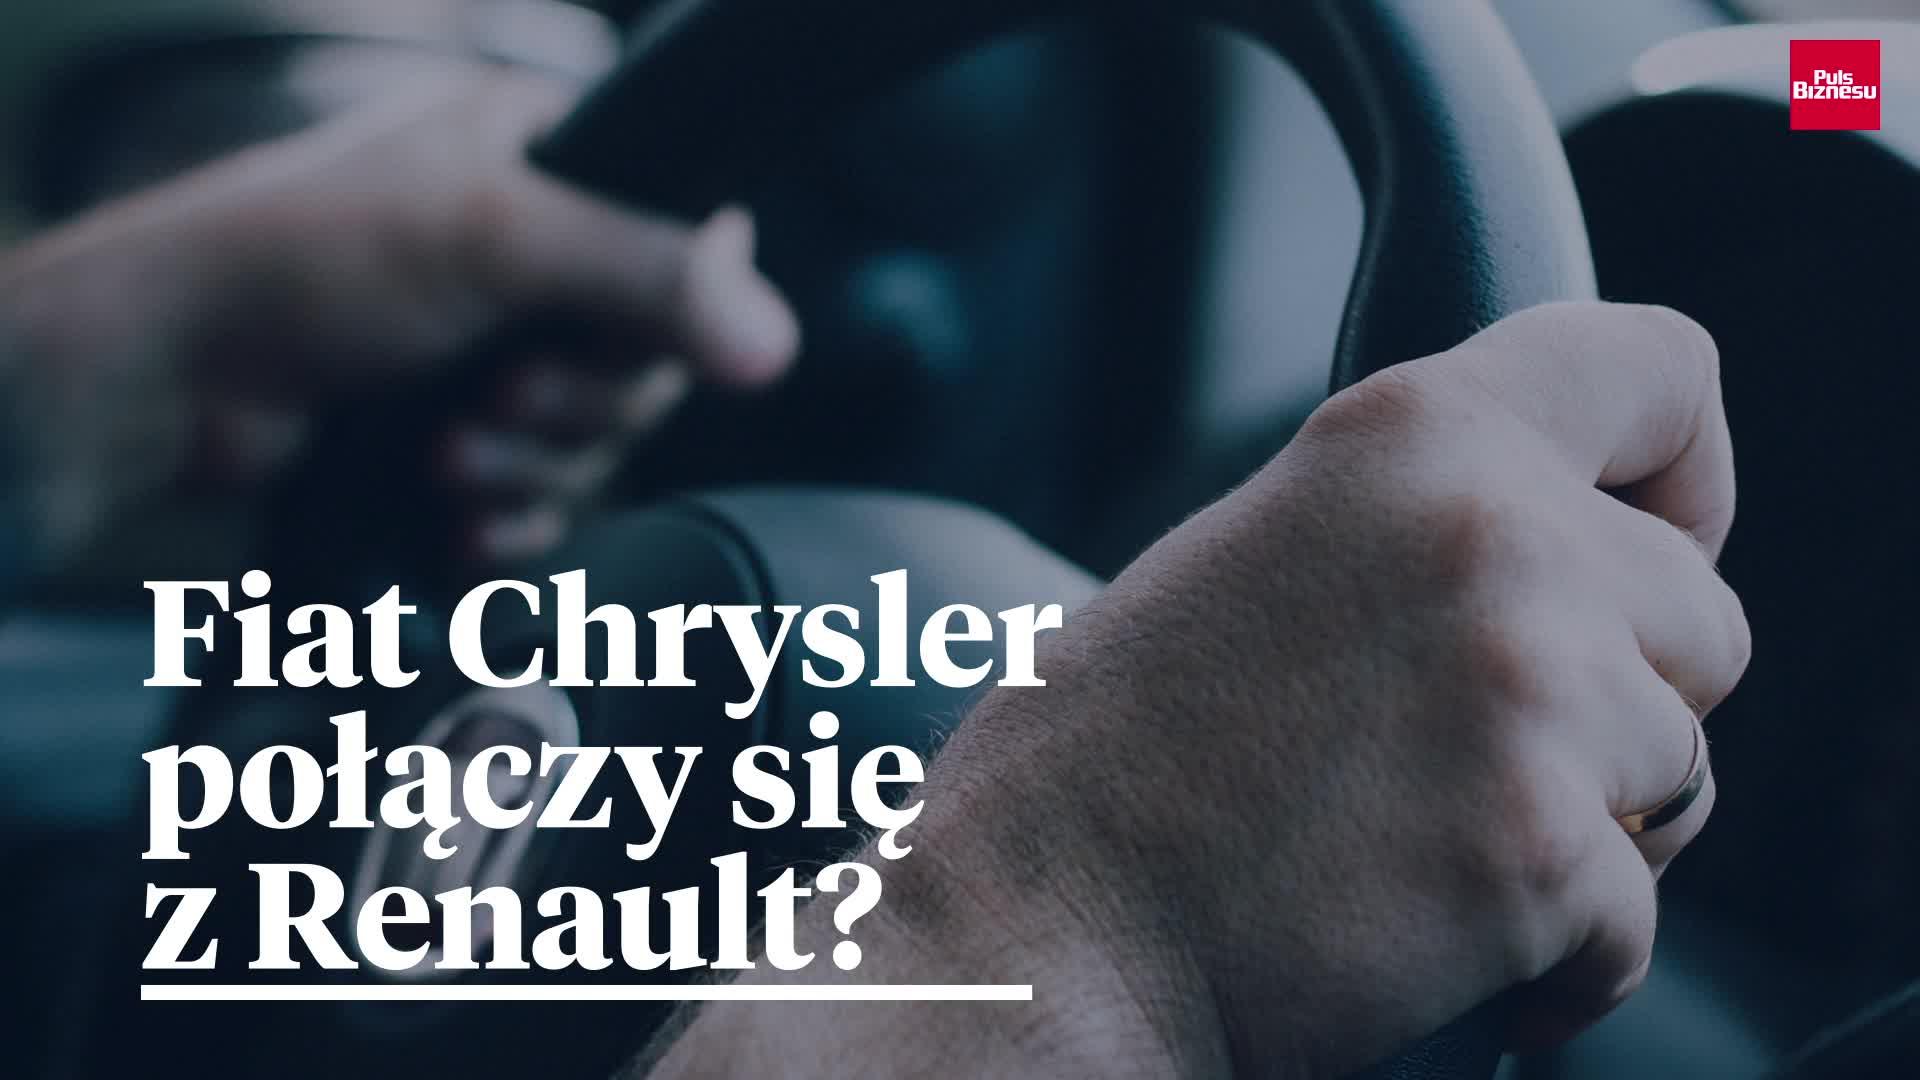 Fiat Chrysler oficjalnie proponuje fuzję Renault